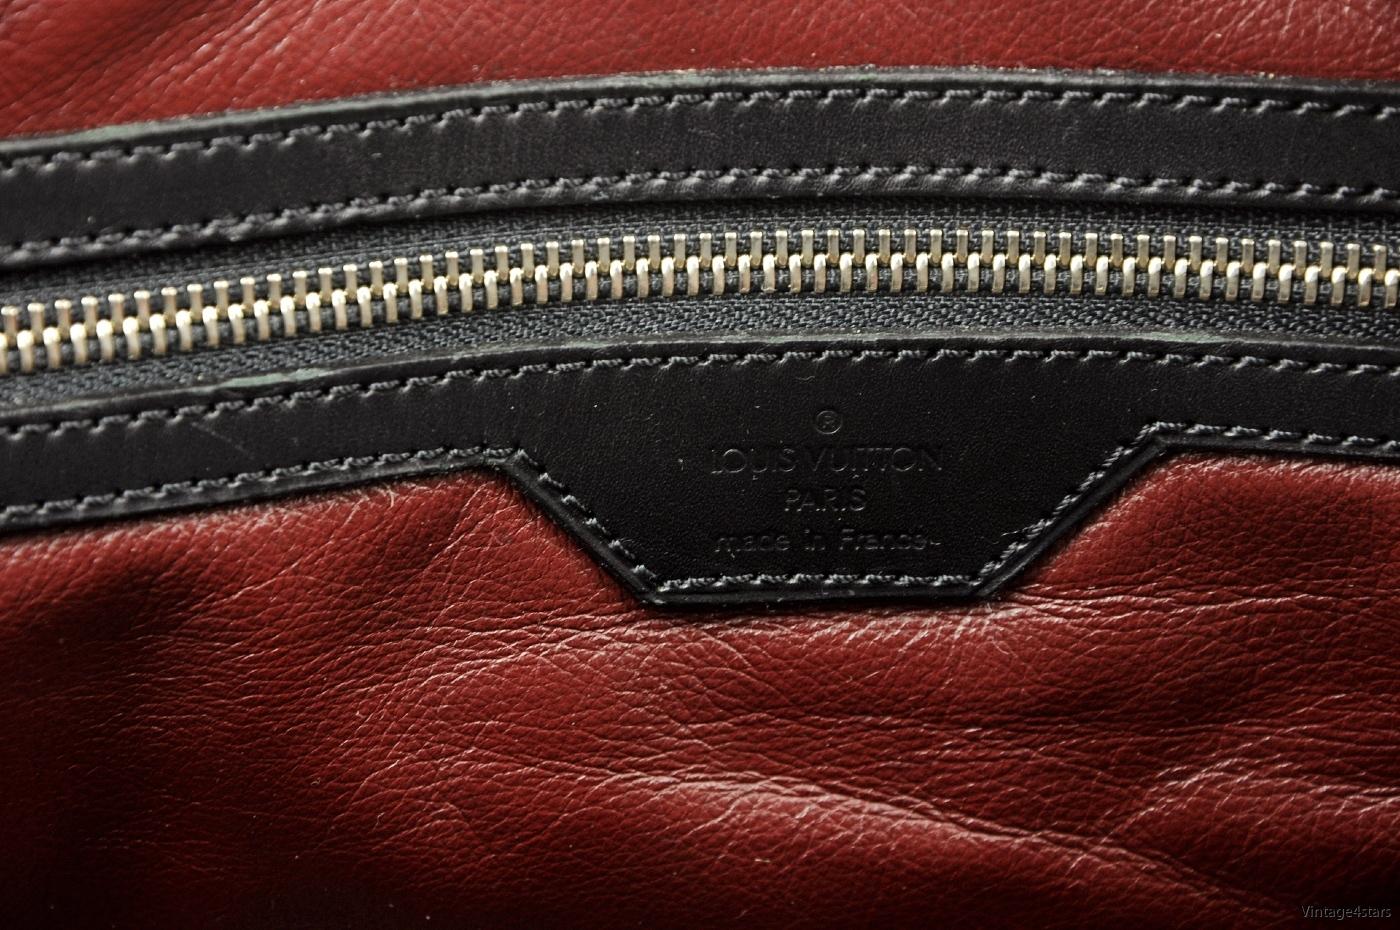 Louis Vuitton Keepall Hexagone 8